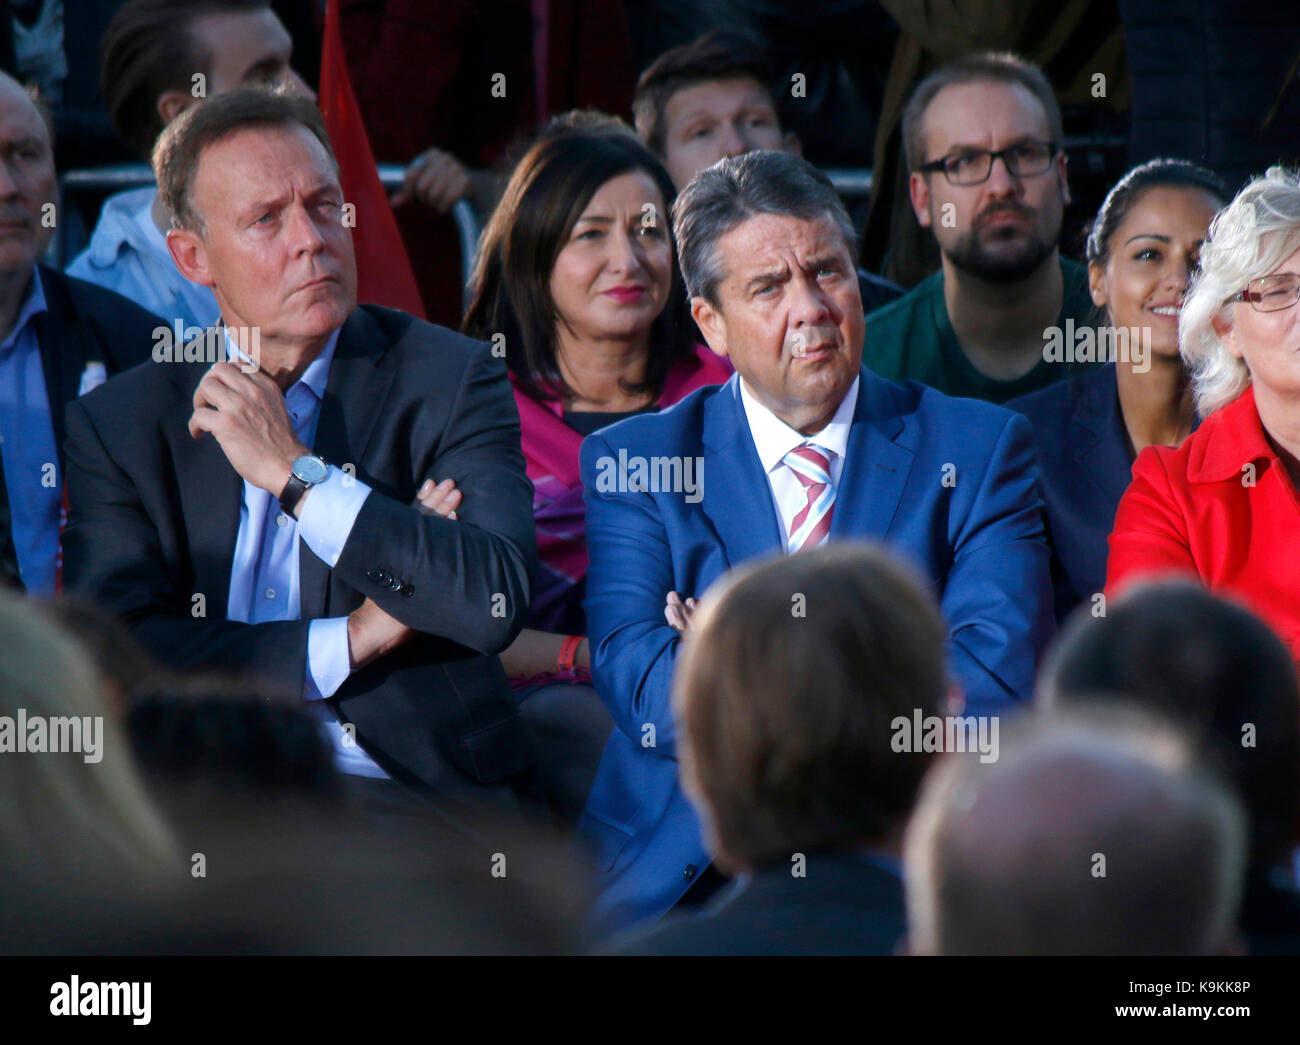 Thomas Oppermann, Sigmar Gabriel u.a. - Wahlkampfauftritt des Kanzlerkandidaten der SPD, Gendarmenmarkt, 12. September - Stock Image